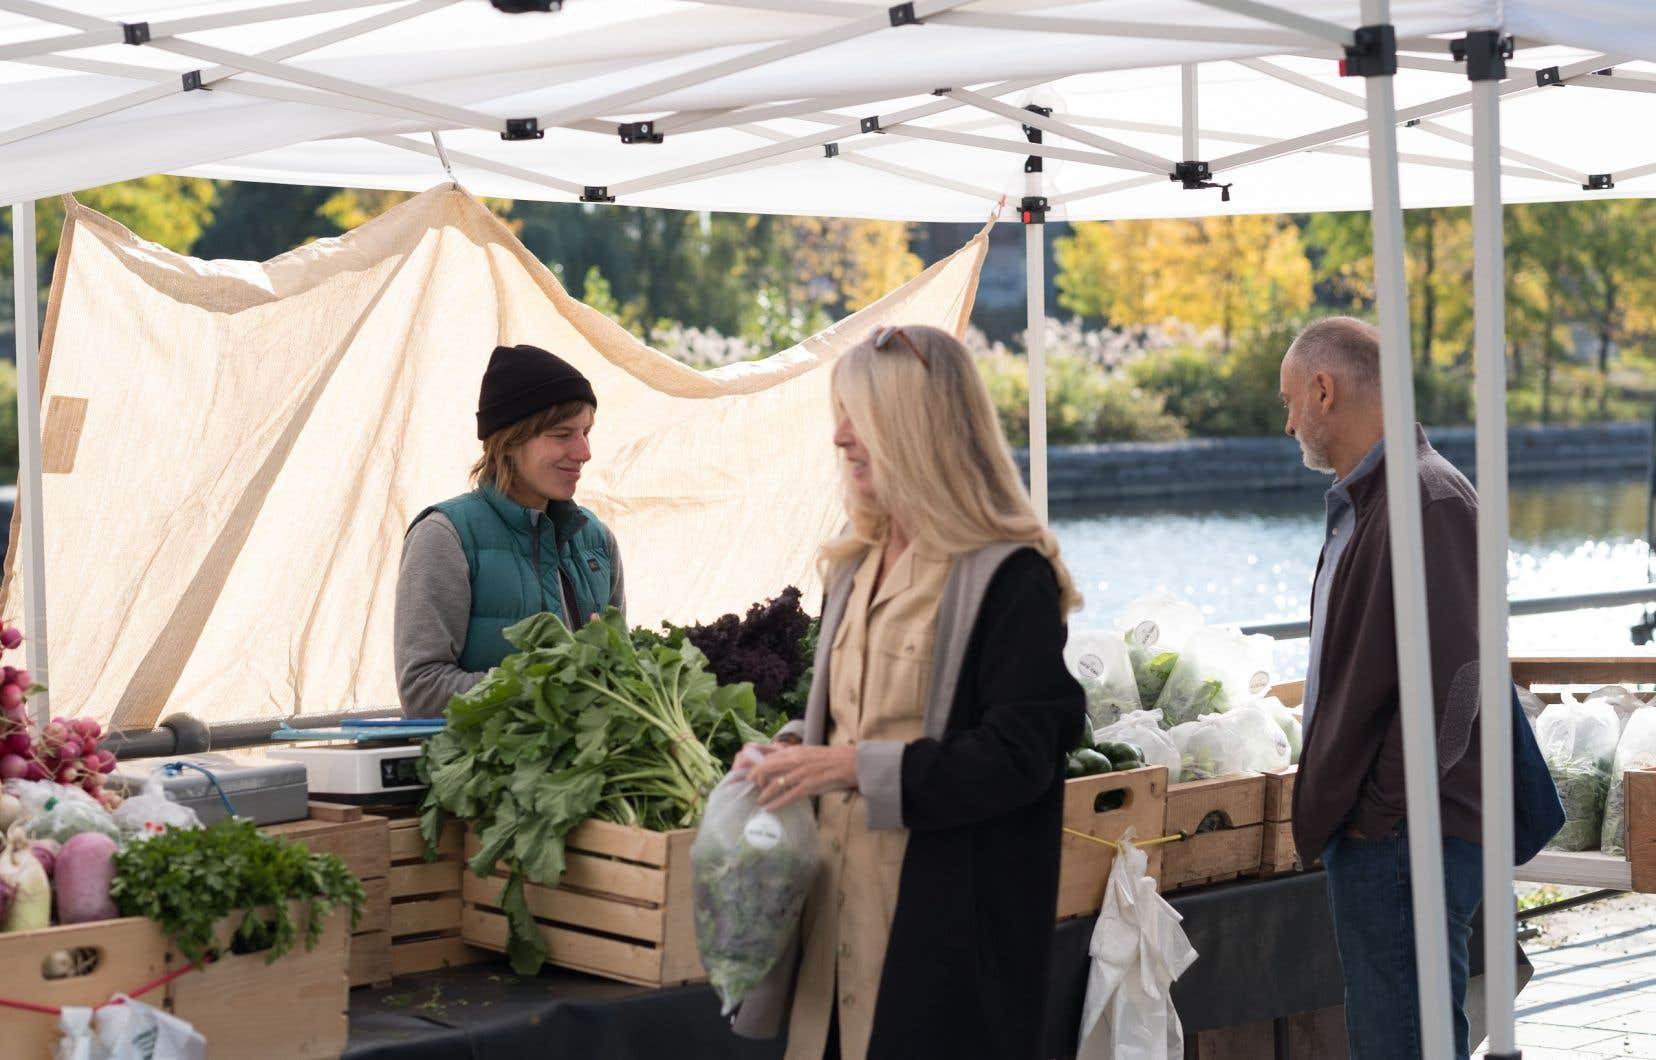 Un marché fermier met davantage l'accent sur les produits uniquement d'ici. Il y en a de plus en plus partout au Québec. C'est le cas du marché des Éclusiers, jadis une terrasse branchée du Vieux-Port de Montréal. Il célèbre la troisième saison de son marché fermier cette année.